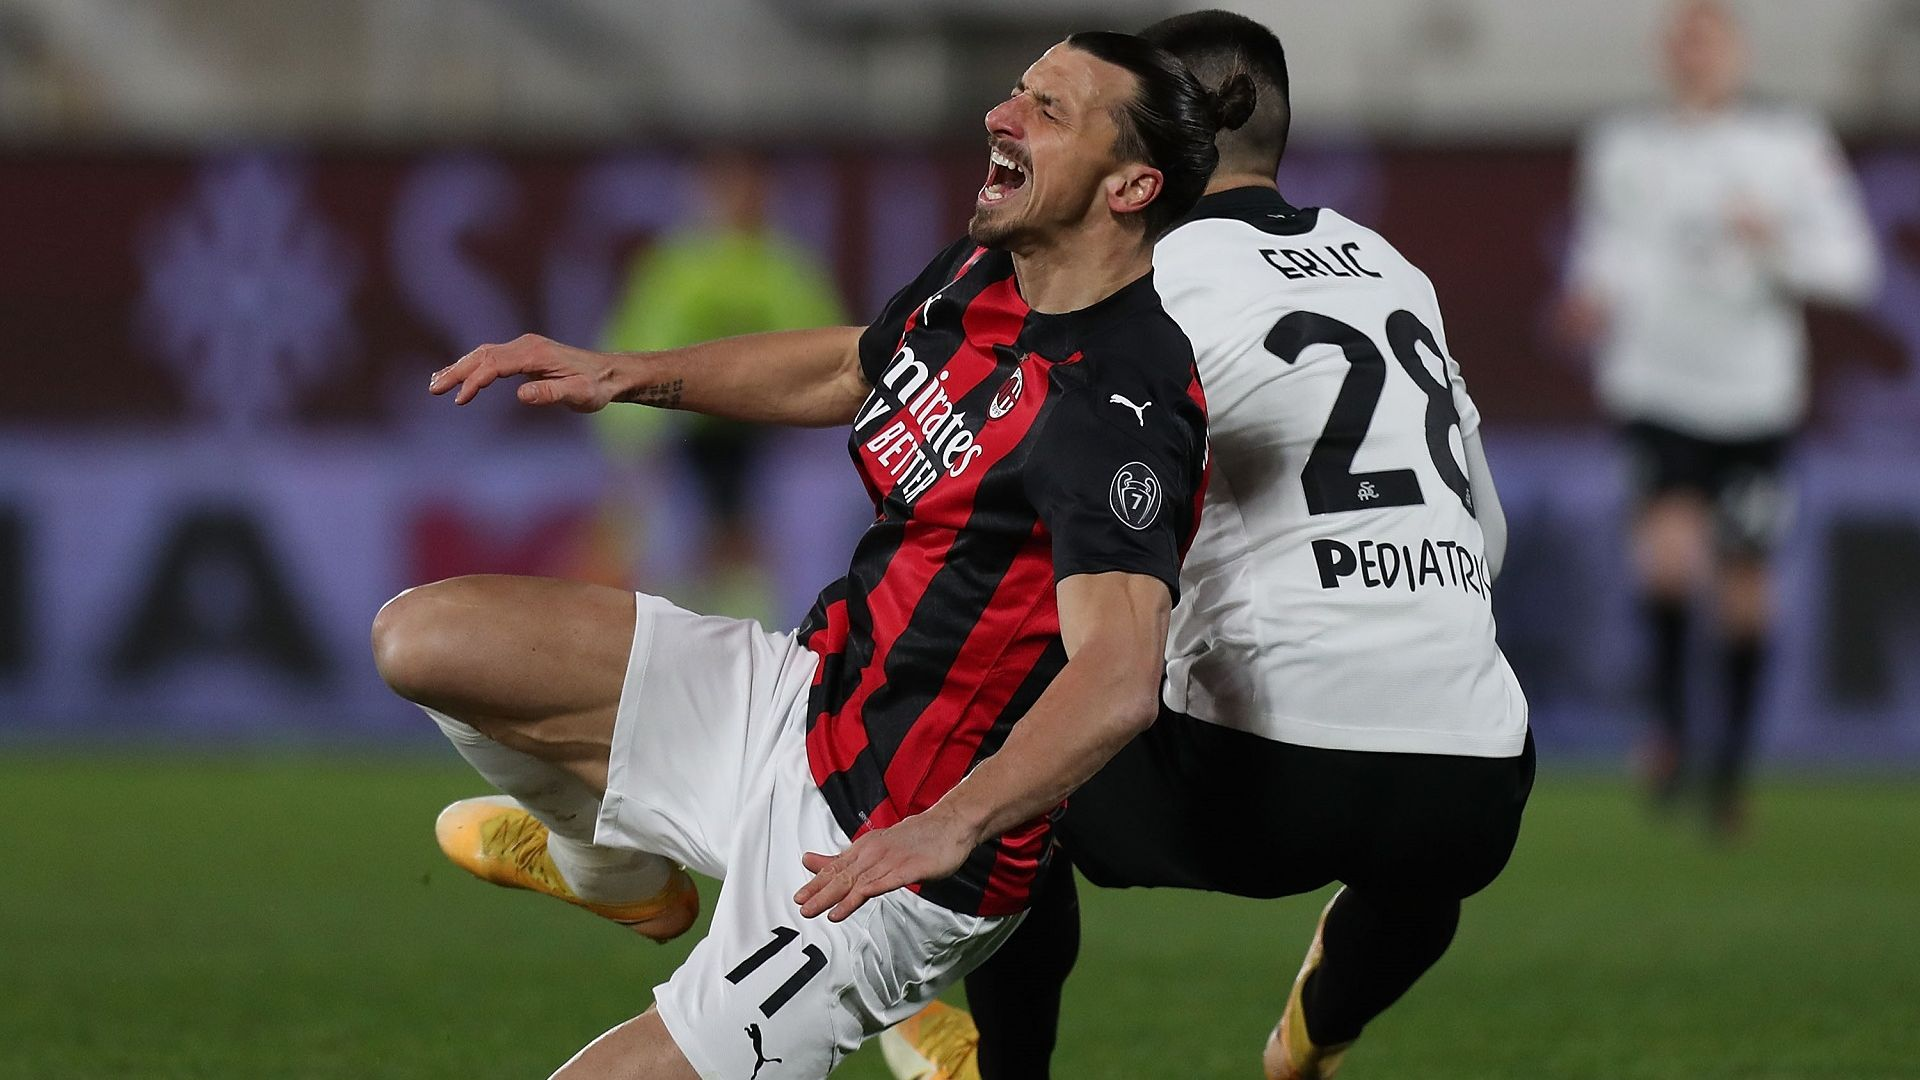 Безпомощният в атака Милан се спъна от неочаквано препятствие